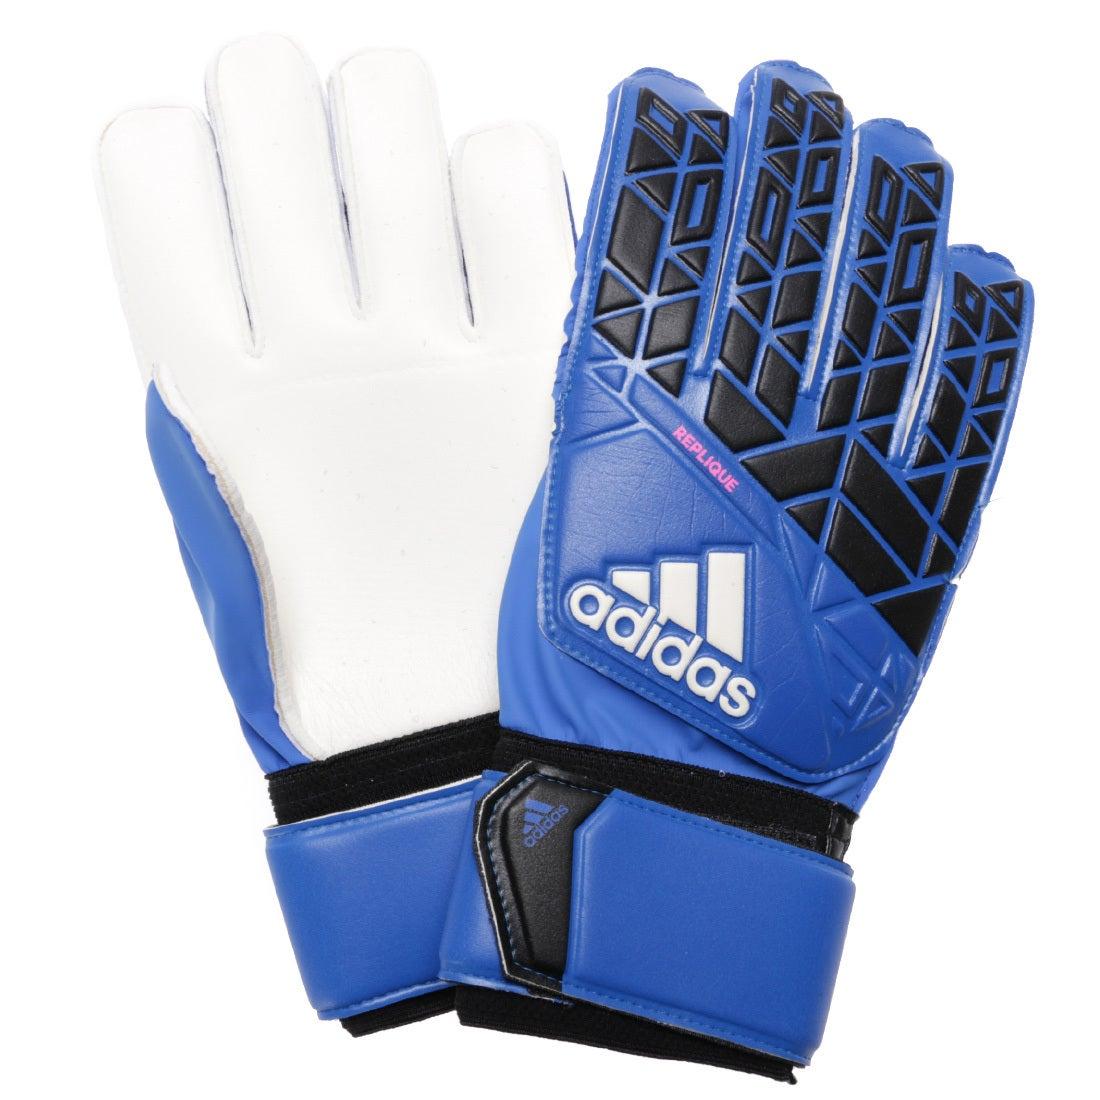 【SALE 40%OFF】アディダス adidas ユニセックス サッカー/フットサル キーパーグローブ ACE レプリカ AZ3684